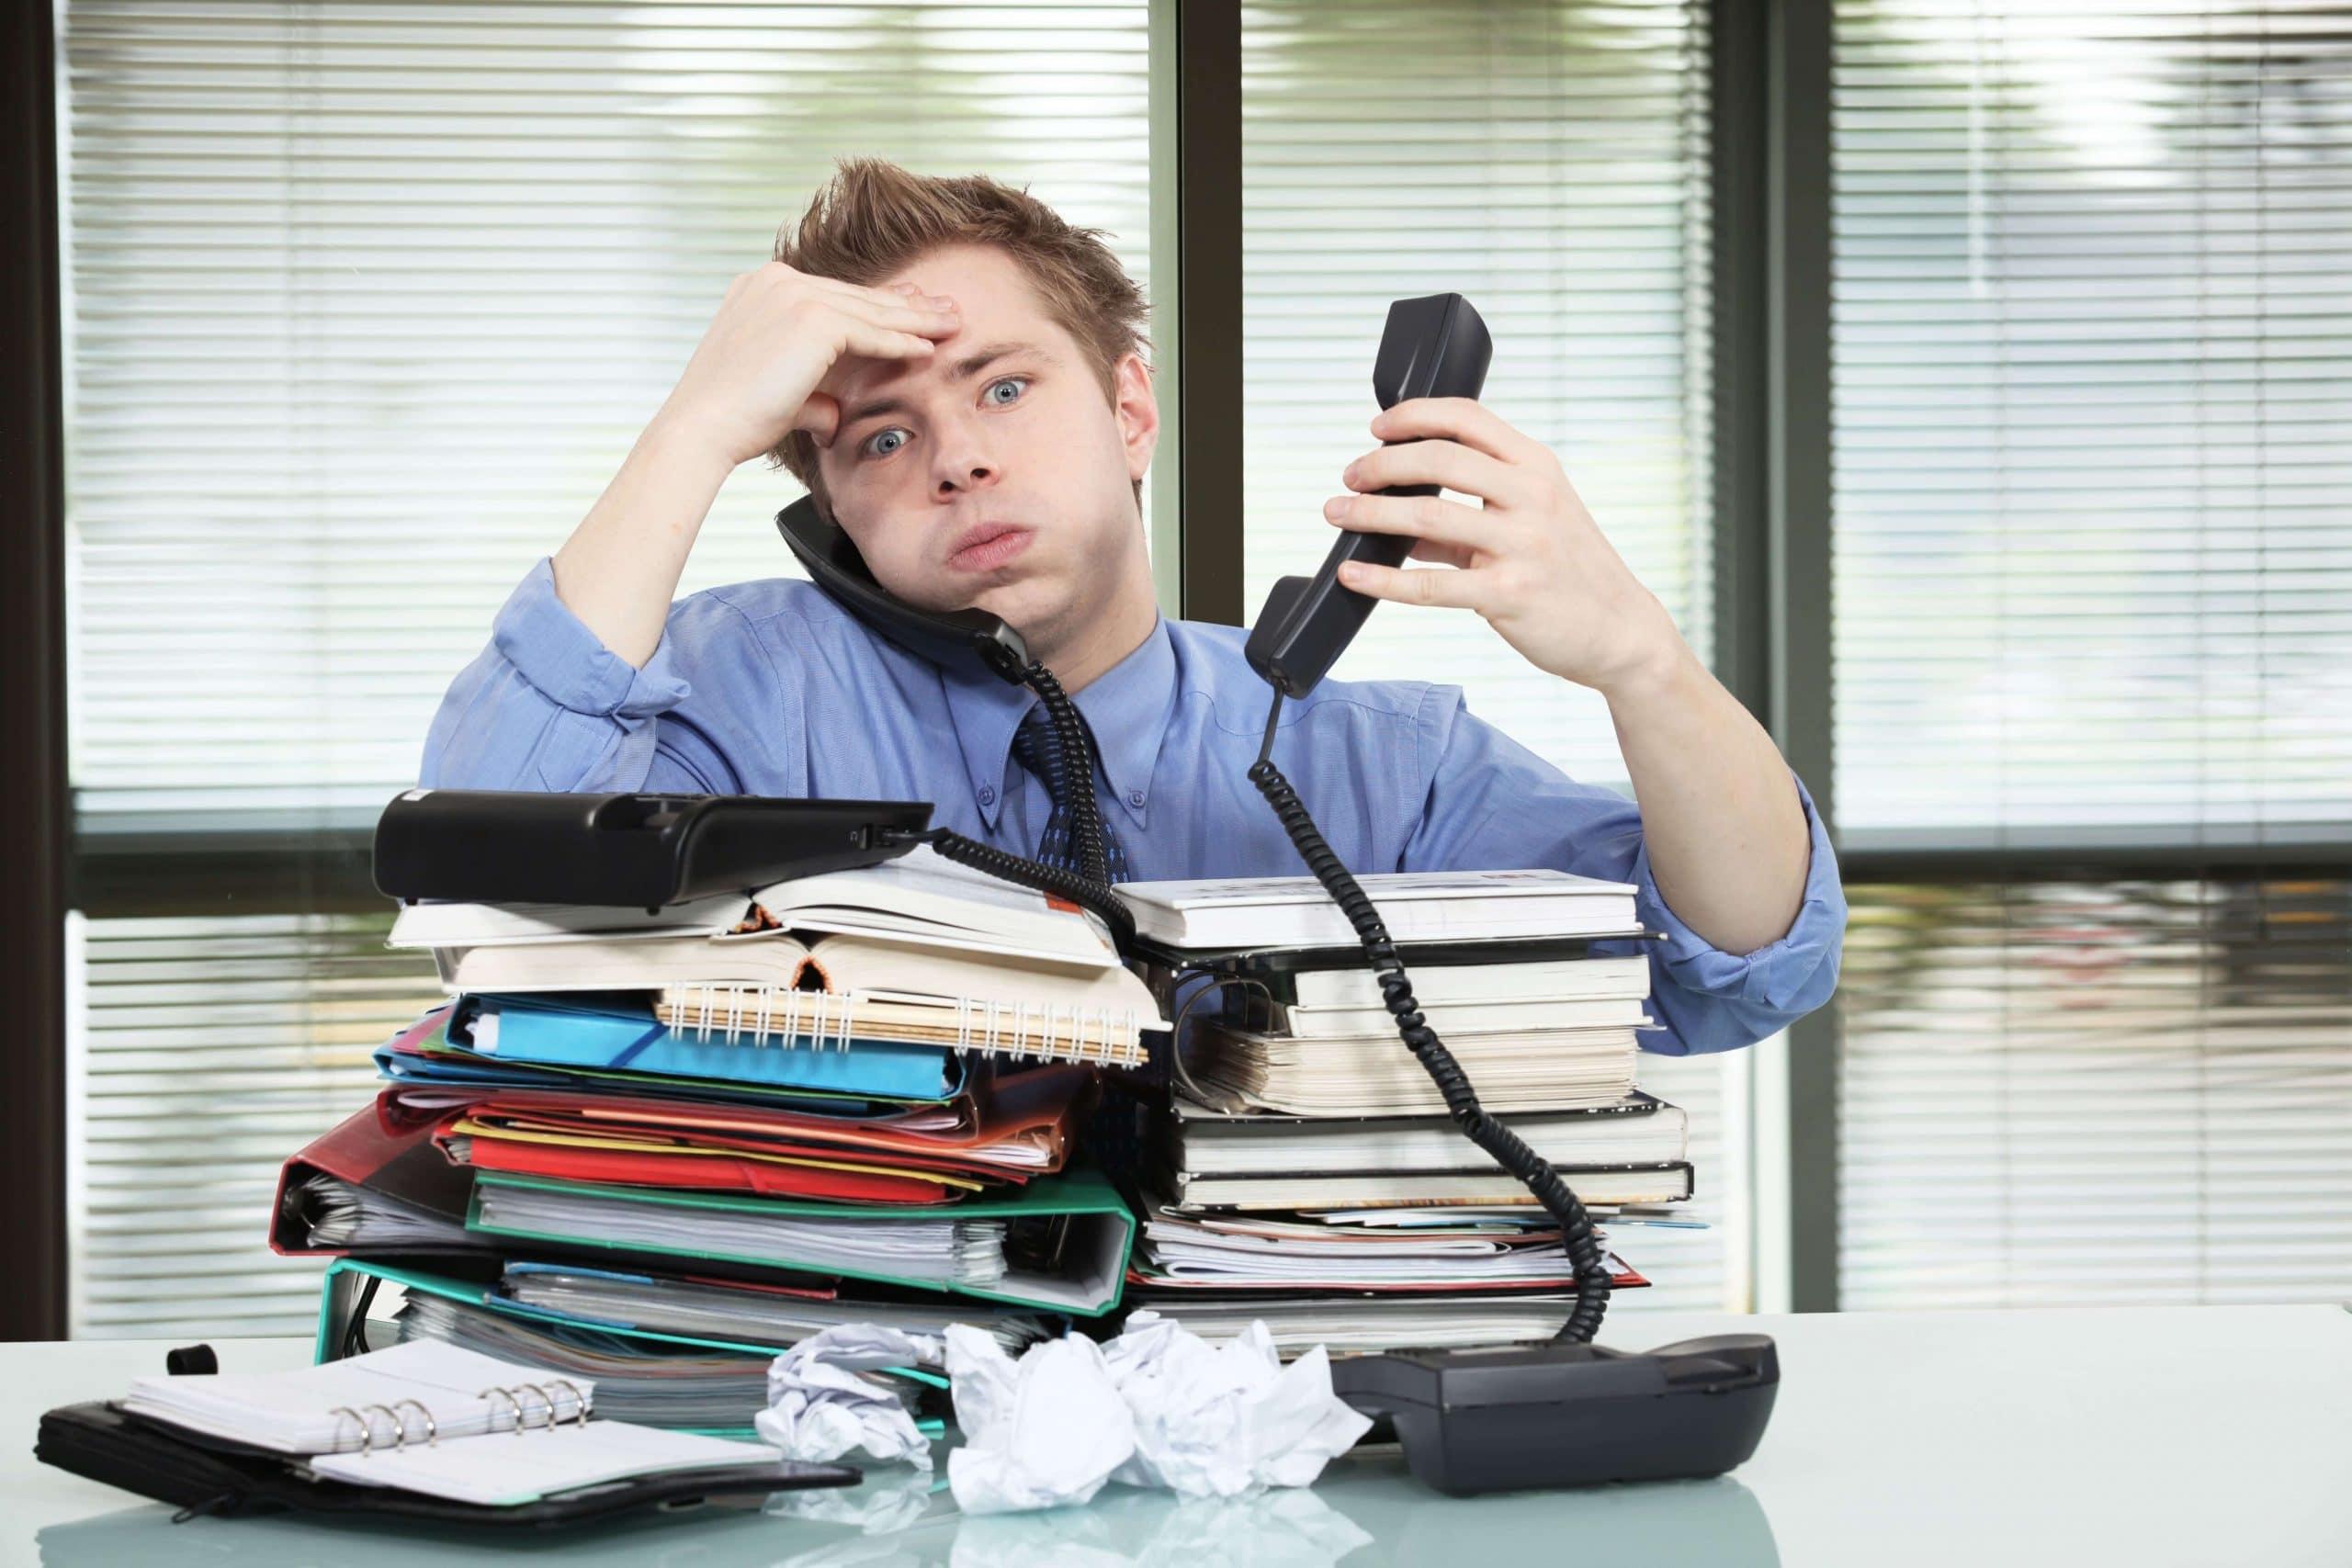 молодой мужчина с телефонной трубкой, документами